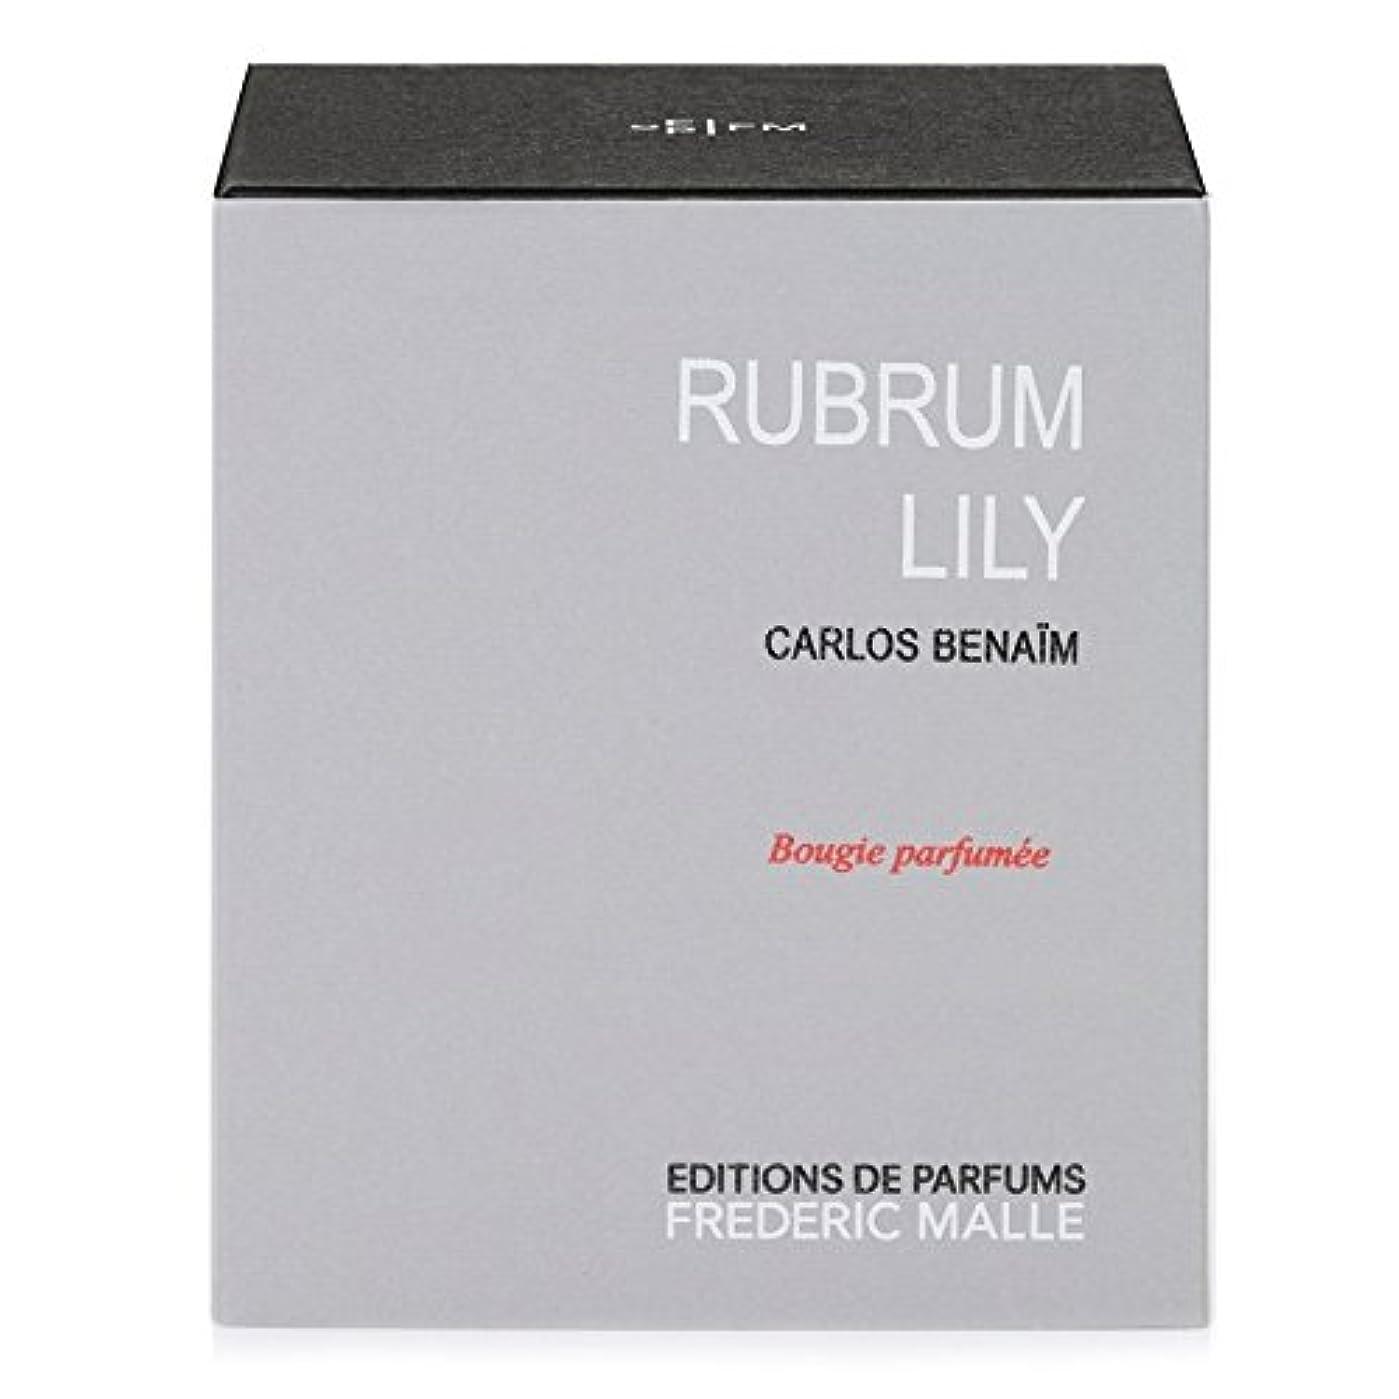 ぺディカブきょうだい概してFrederic Malle Rubrum Lily Scented Candle - フレデリック?マルルブルムユリの香りのキャンドル [並行輸入品]